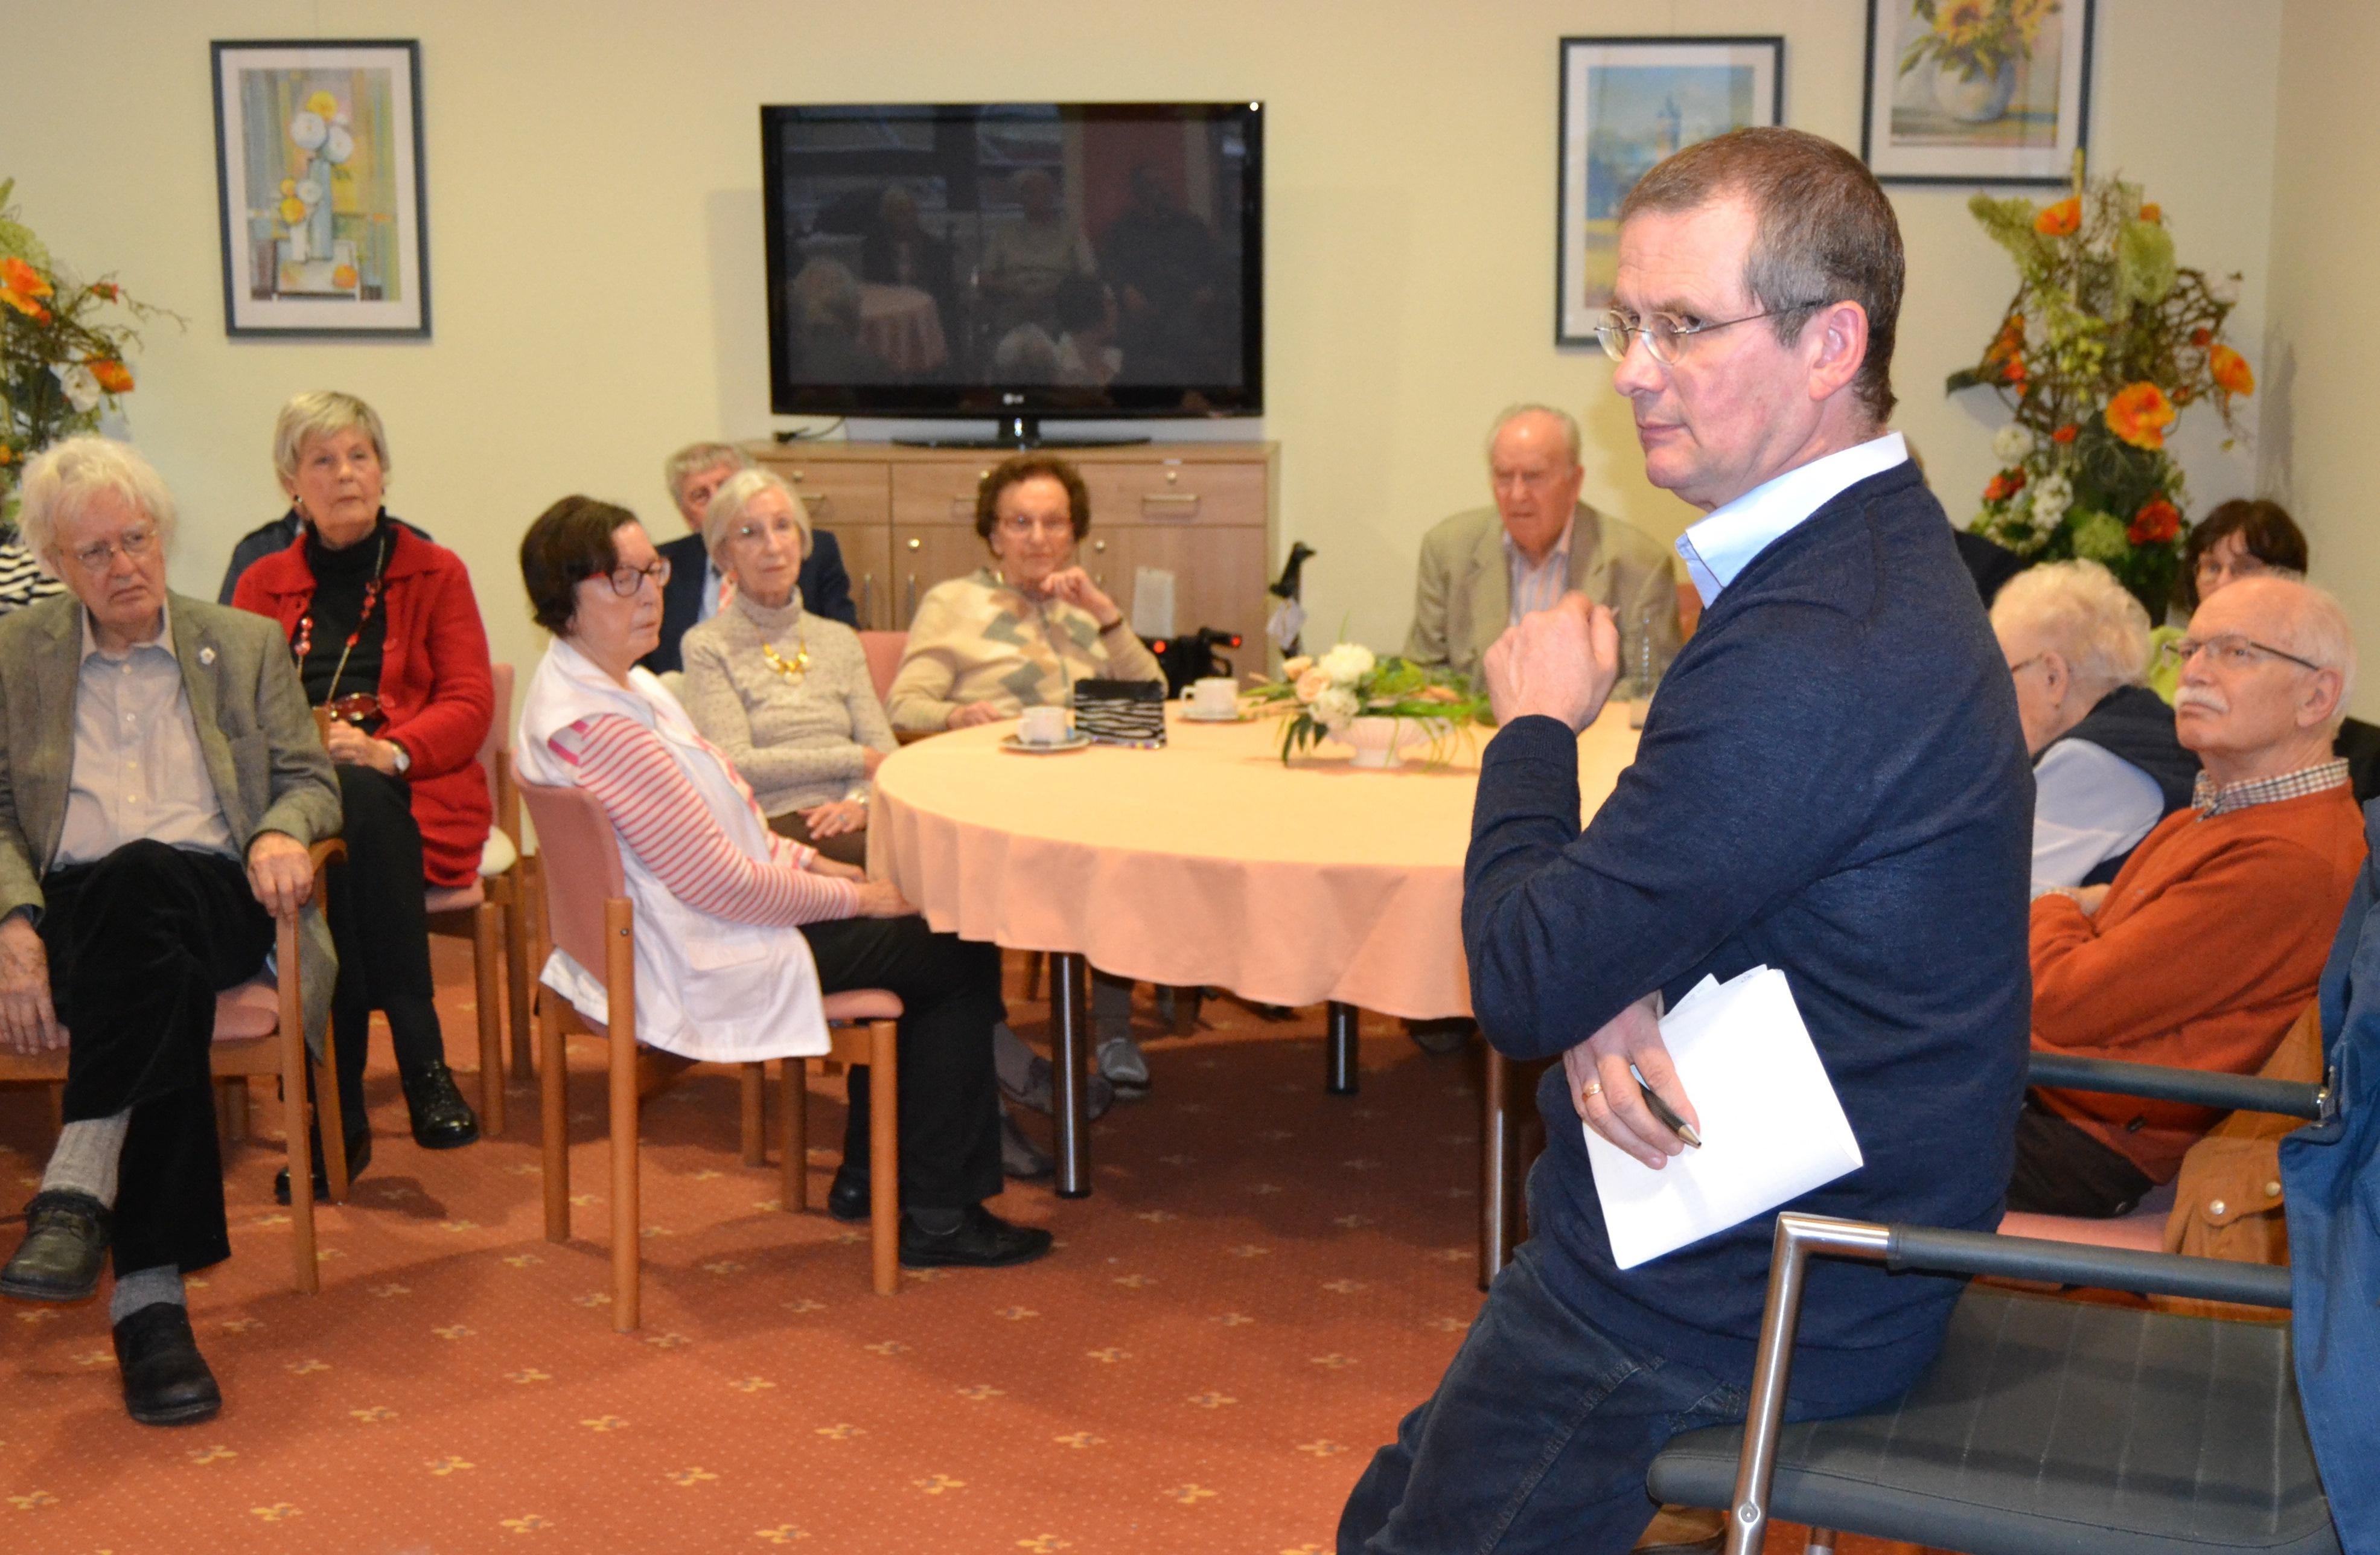 Nahrung für den Kopf – Philosophisches Café in der Residenz Humboldthöhe nahm Thema Langeweile in den Focus